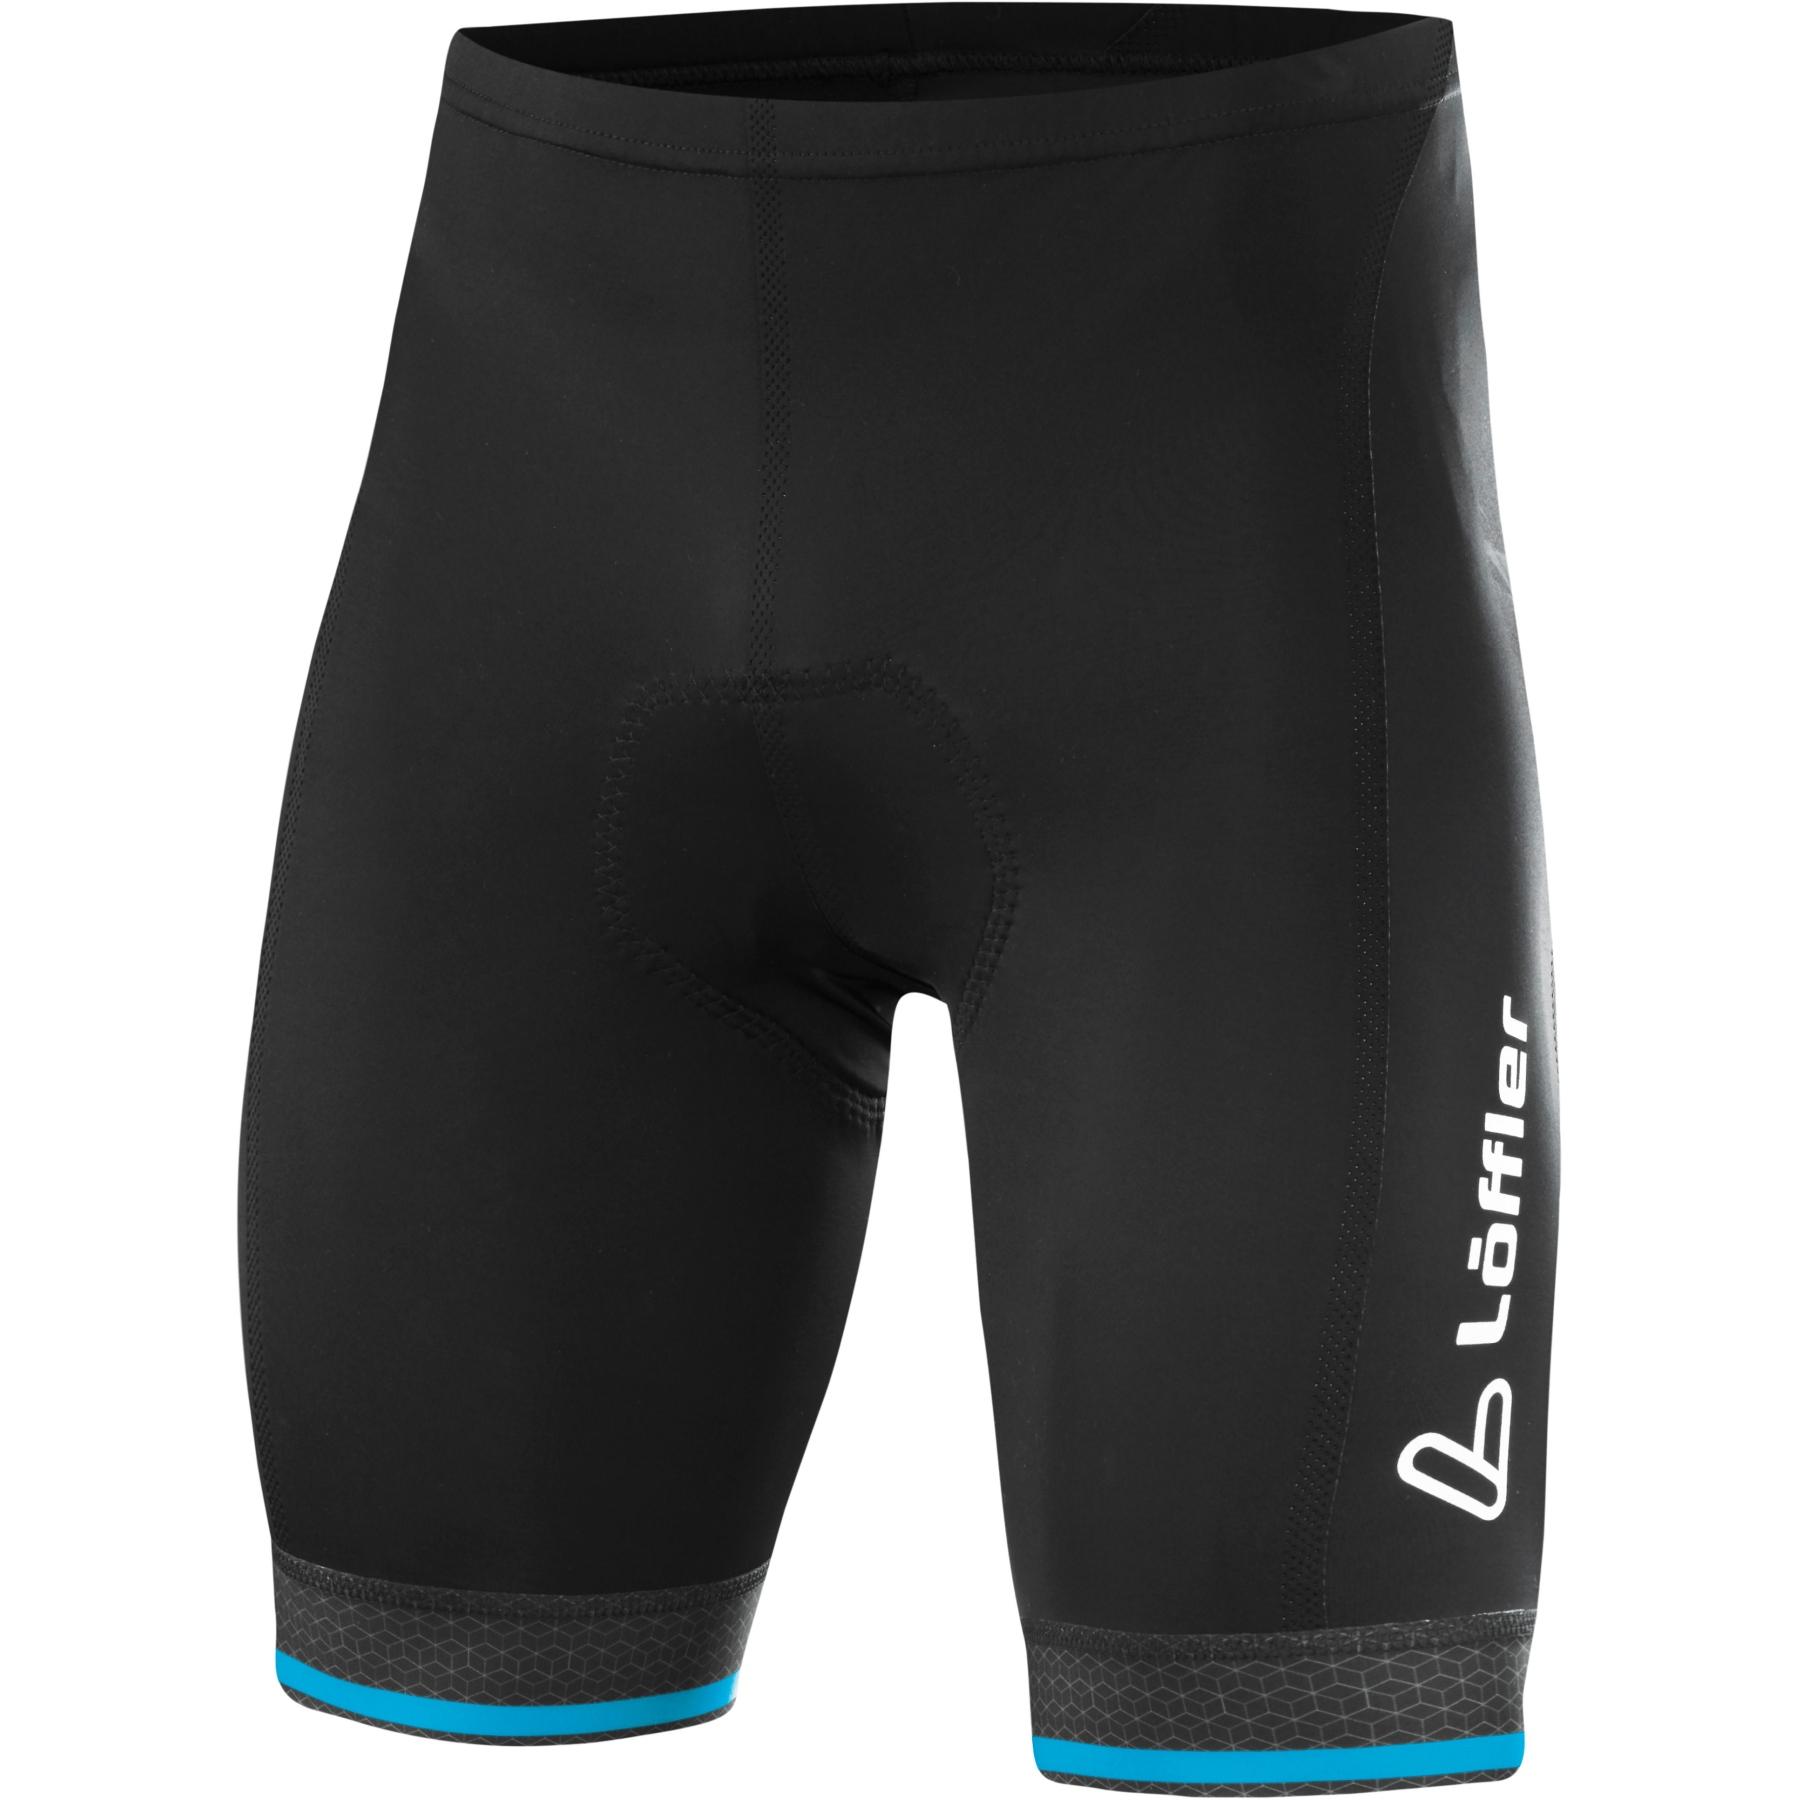 Löffler Bike Shorts Hotbond 23912 - black/blue lake 942